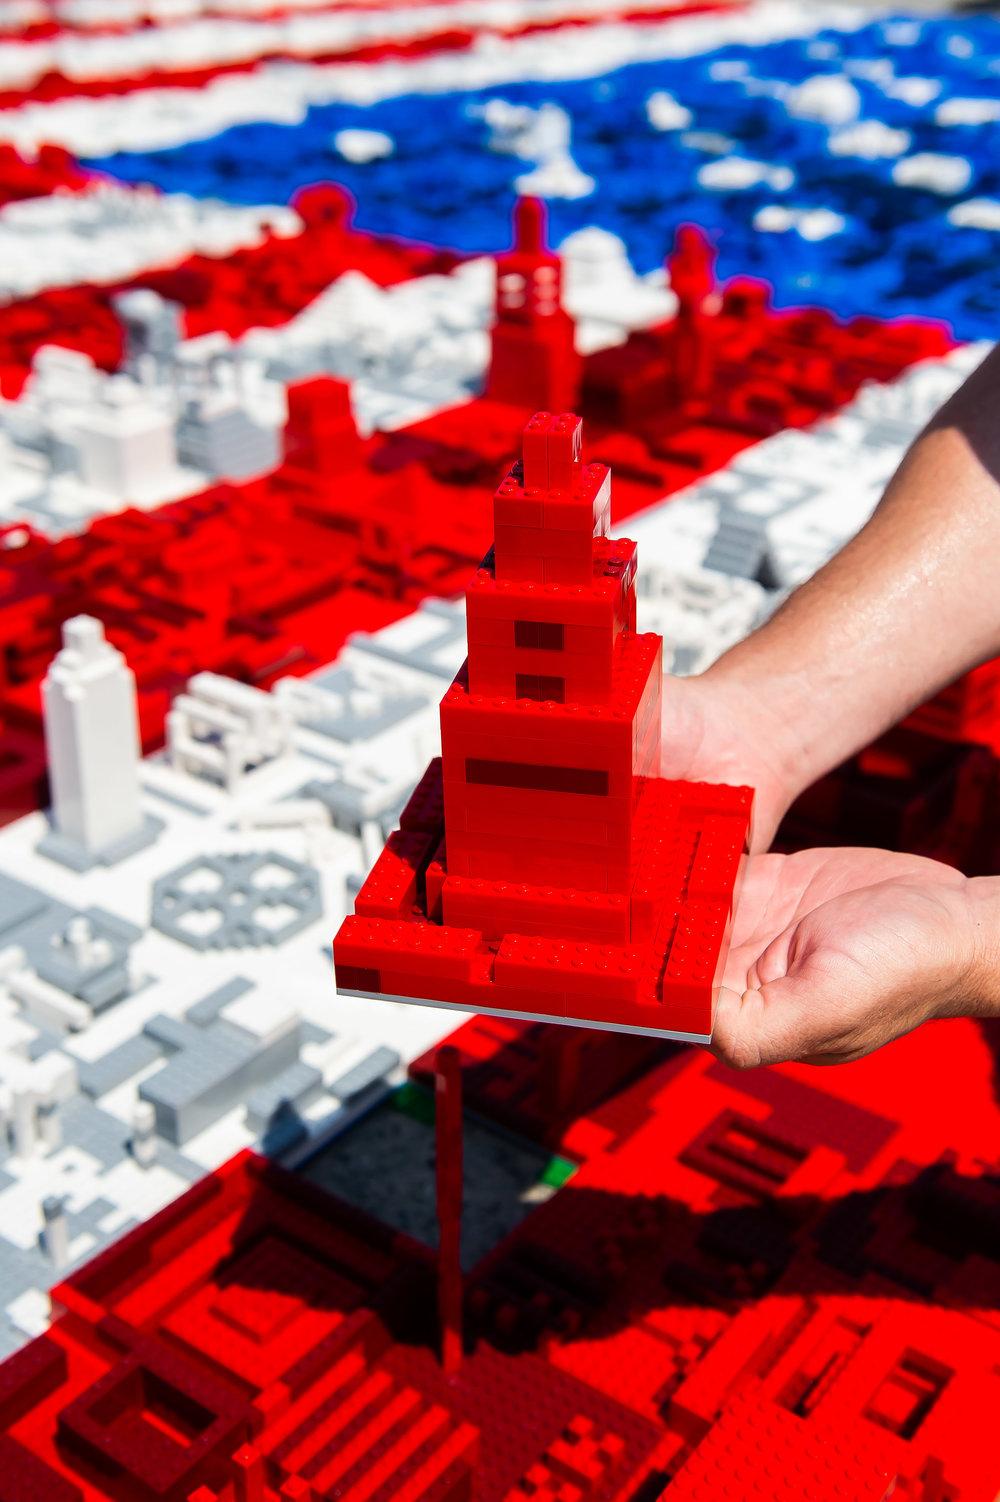 Lego_FourthofJuly-217.jpg